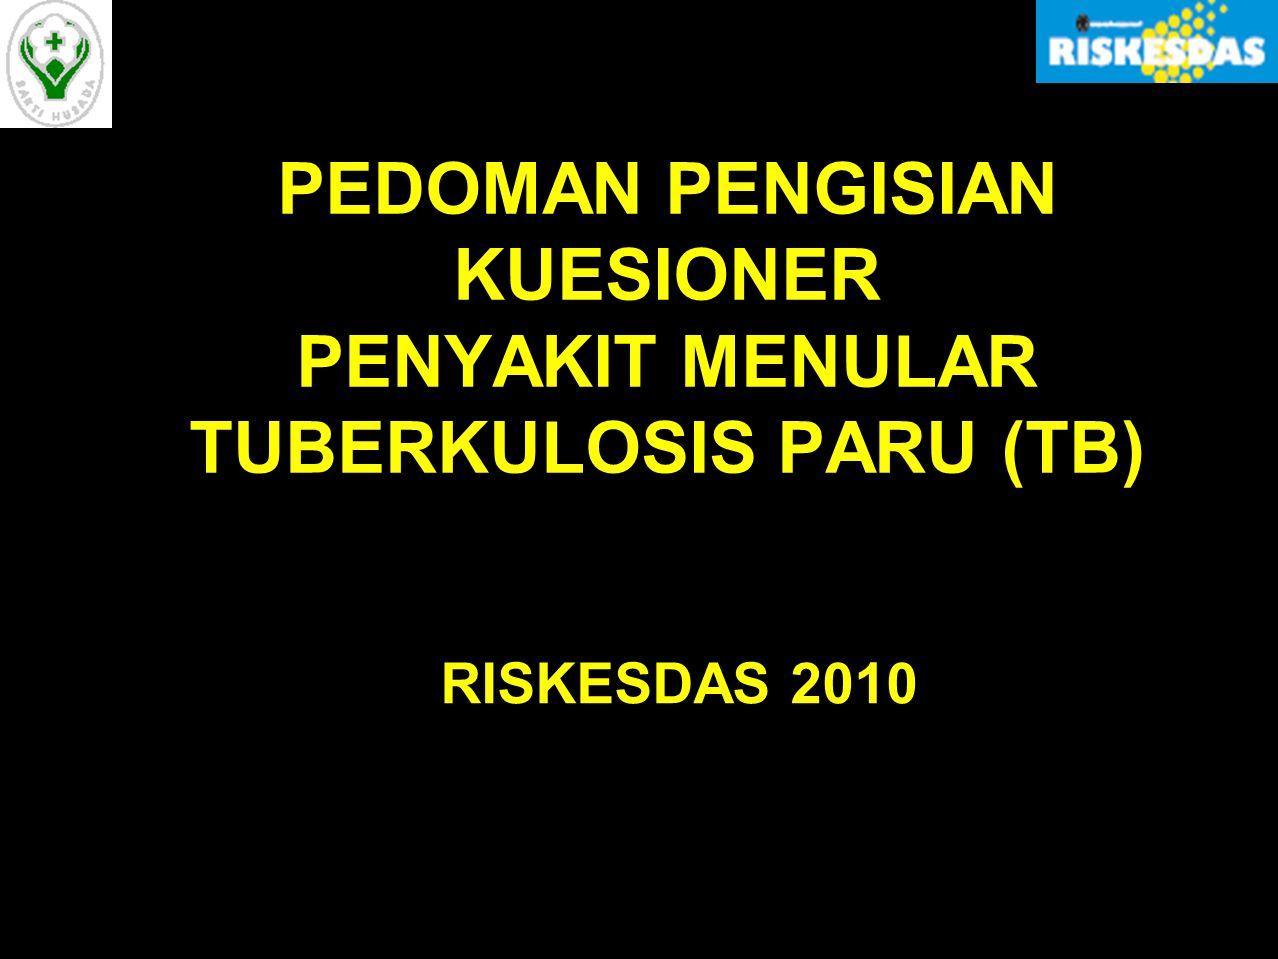 PEDOMAN PENGISIAN KUESIONER PENYAKIT MENULAR TUBERKULOSIS PARU (TB) RISKESDAS 2010